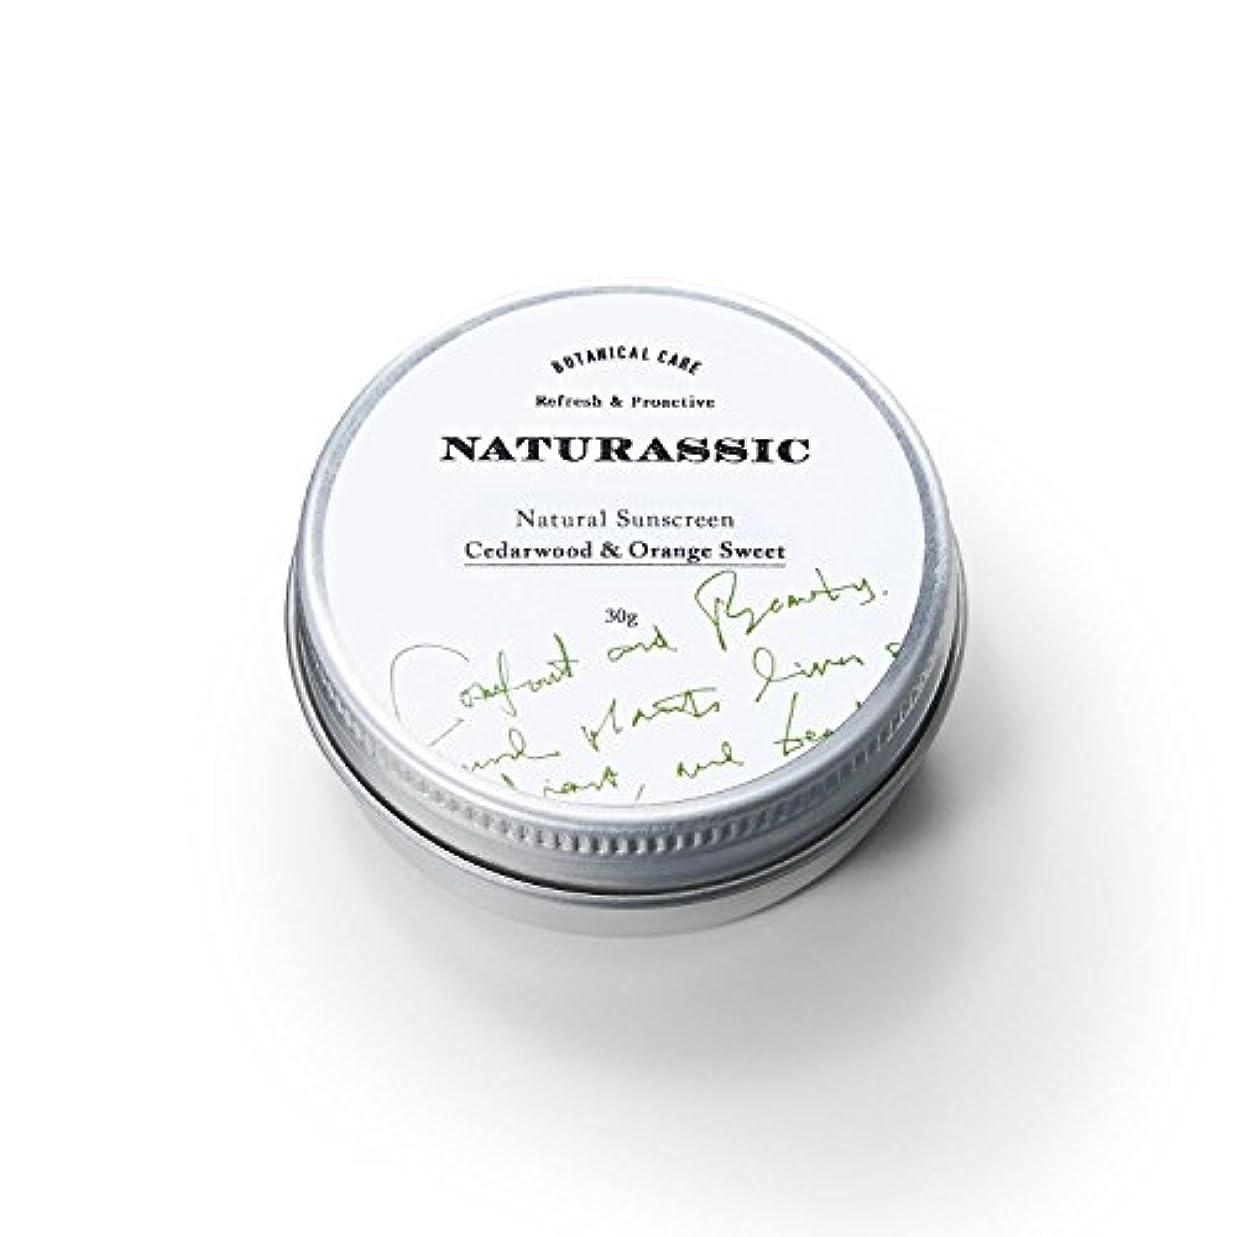 クローゼットアルミニウム印をつけるナチュラシック ナチュラルサンスクリーンCO シダーウッド&オレンジスイートの香り 30g [天然由来成分100%]